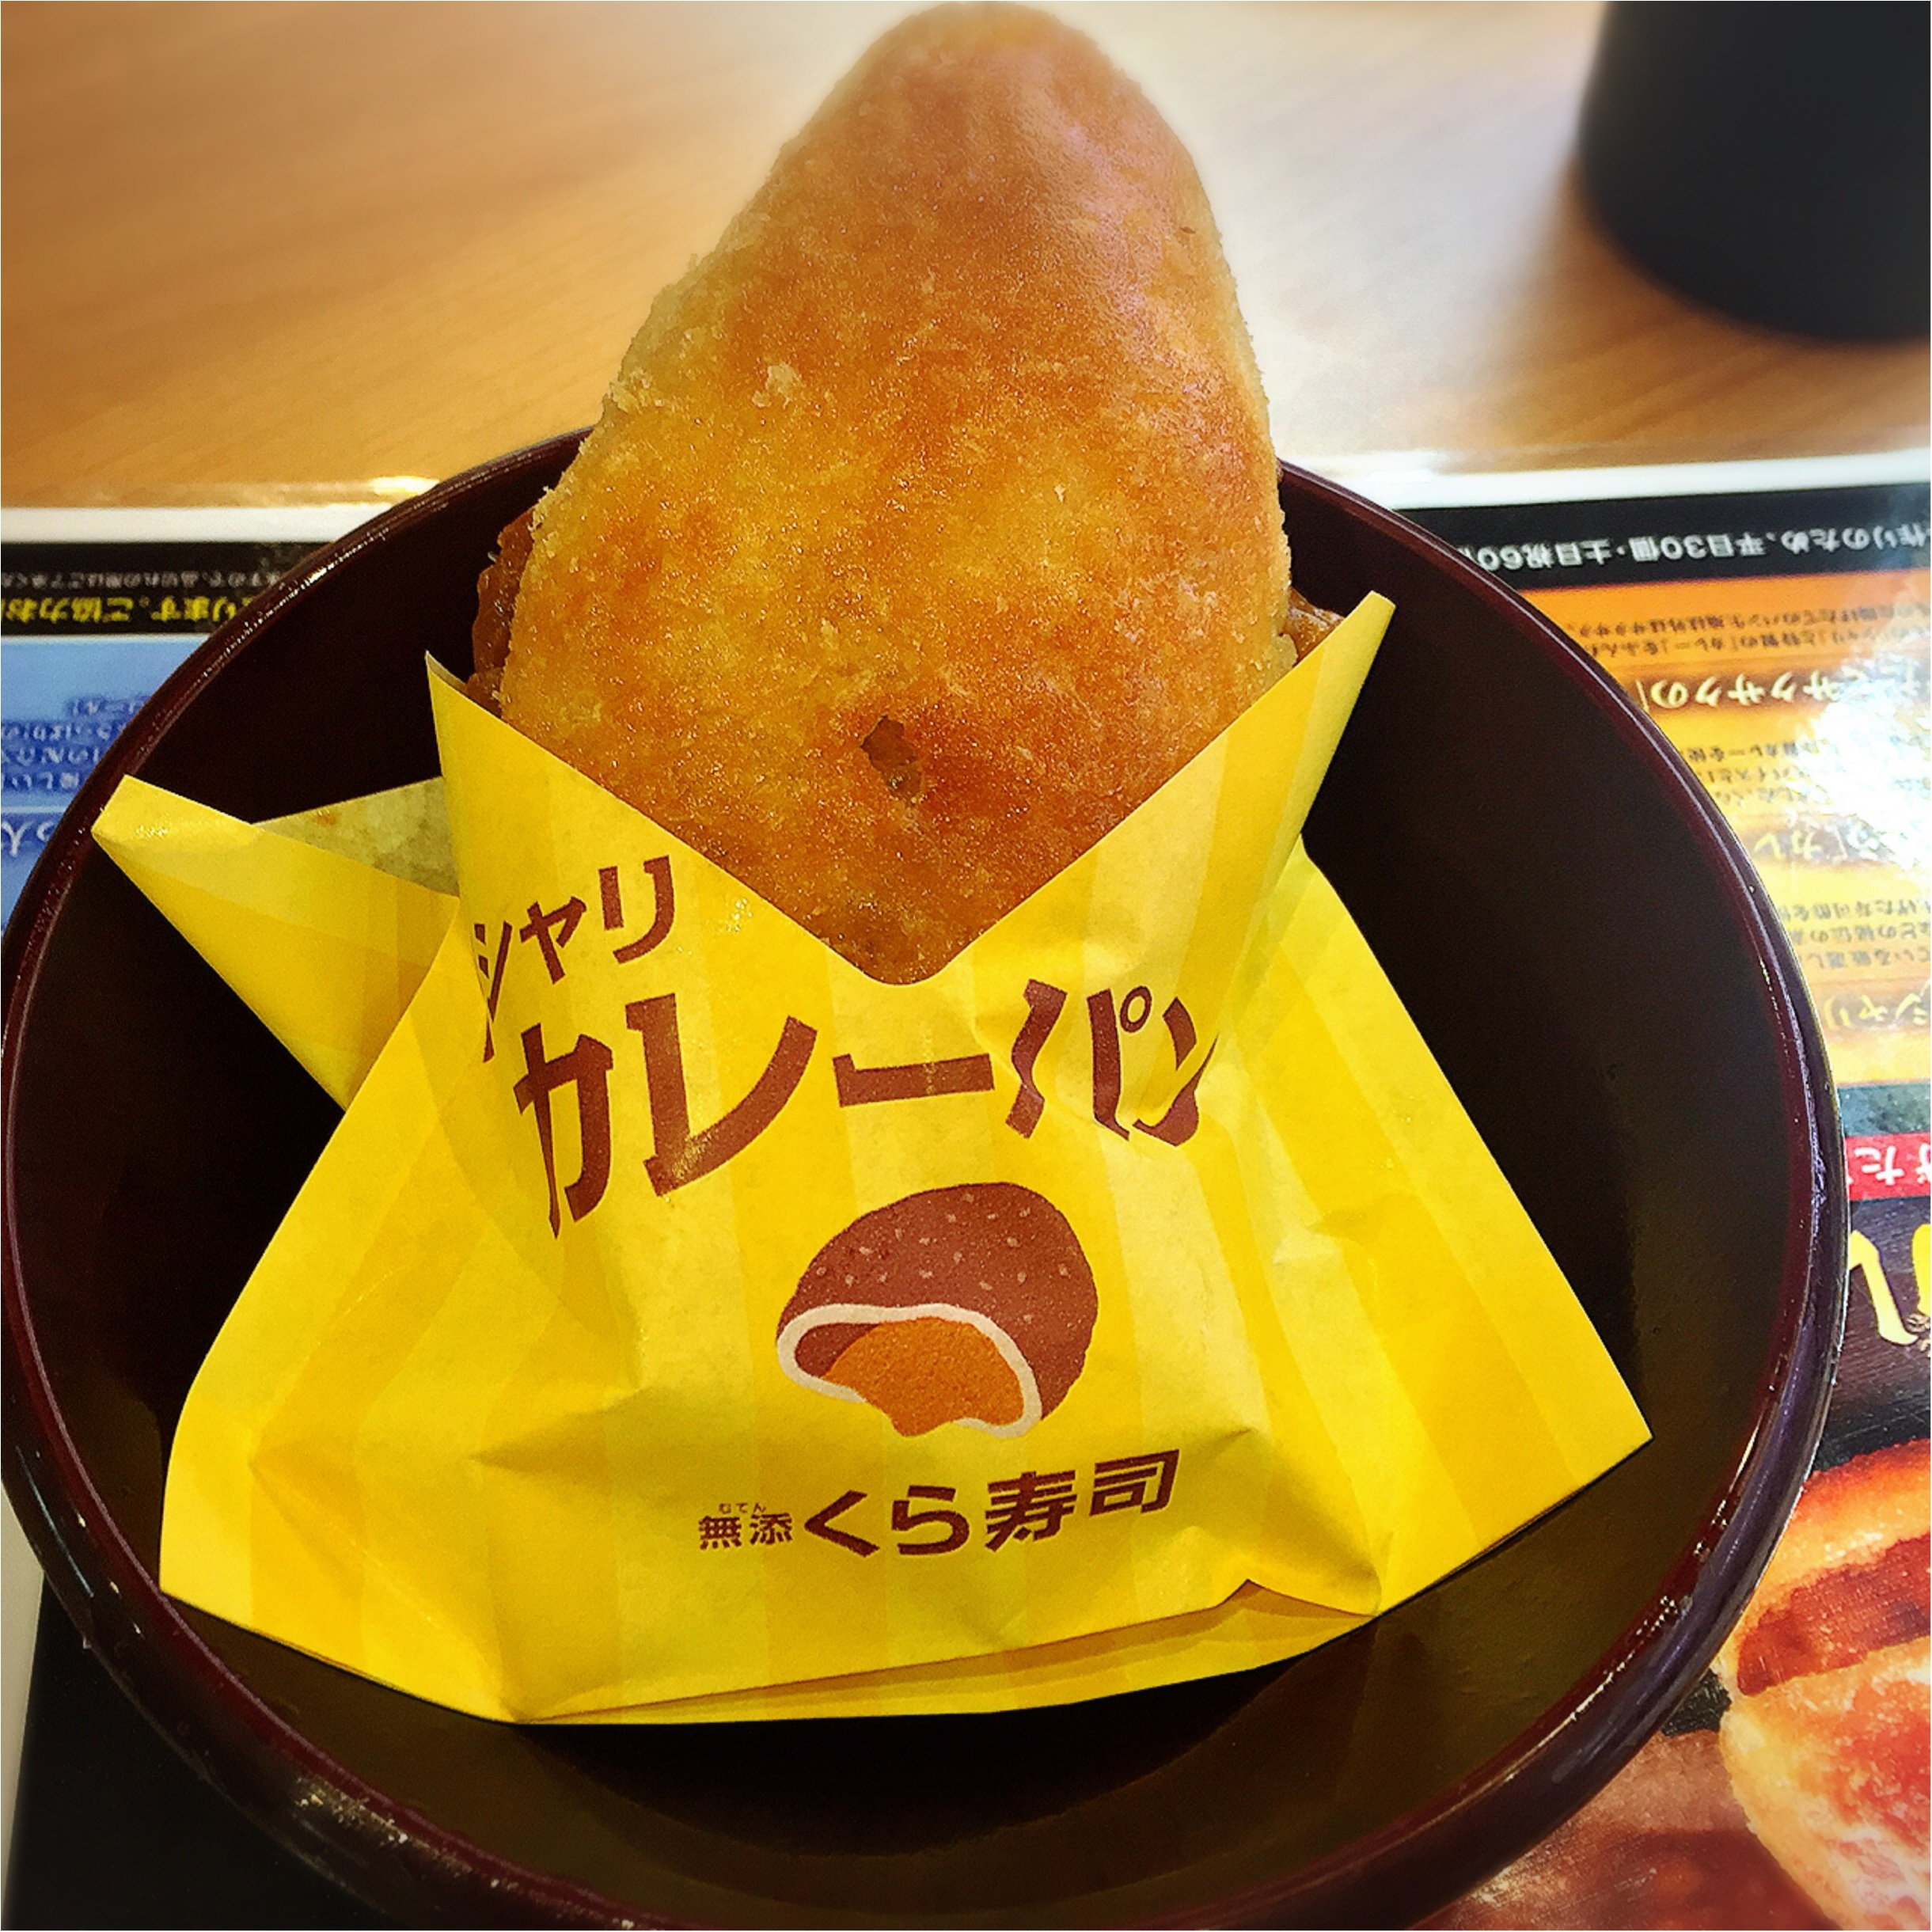 【7/29発売】世界初!?くら寿司の《シャリコーラ》と《シャリカレーパン》を実食❤︎_4